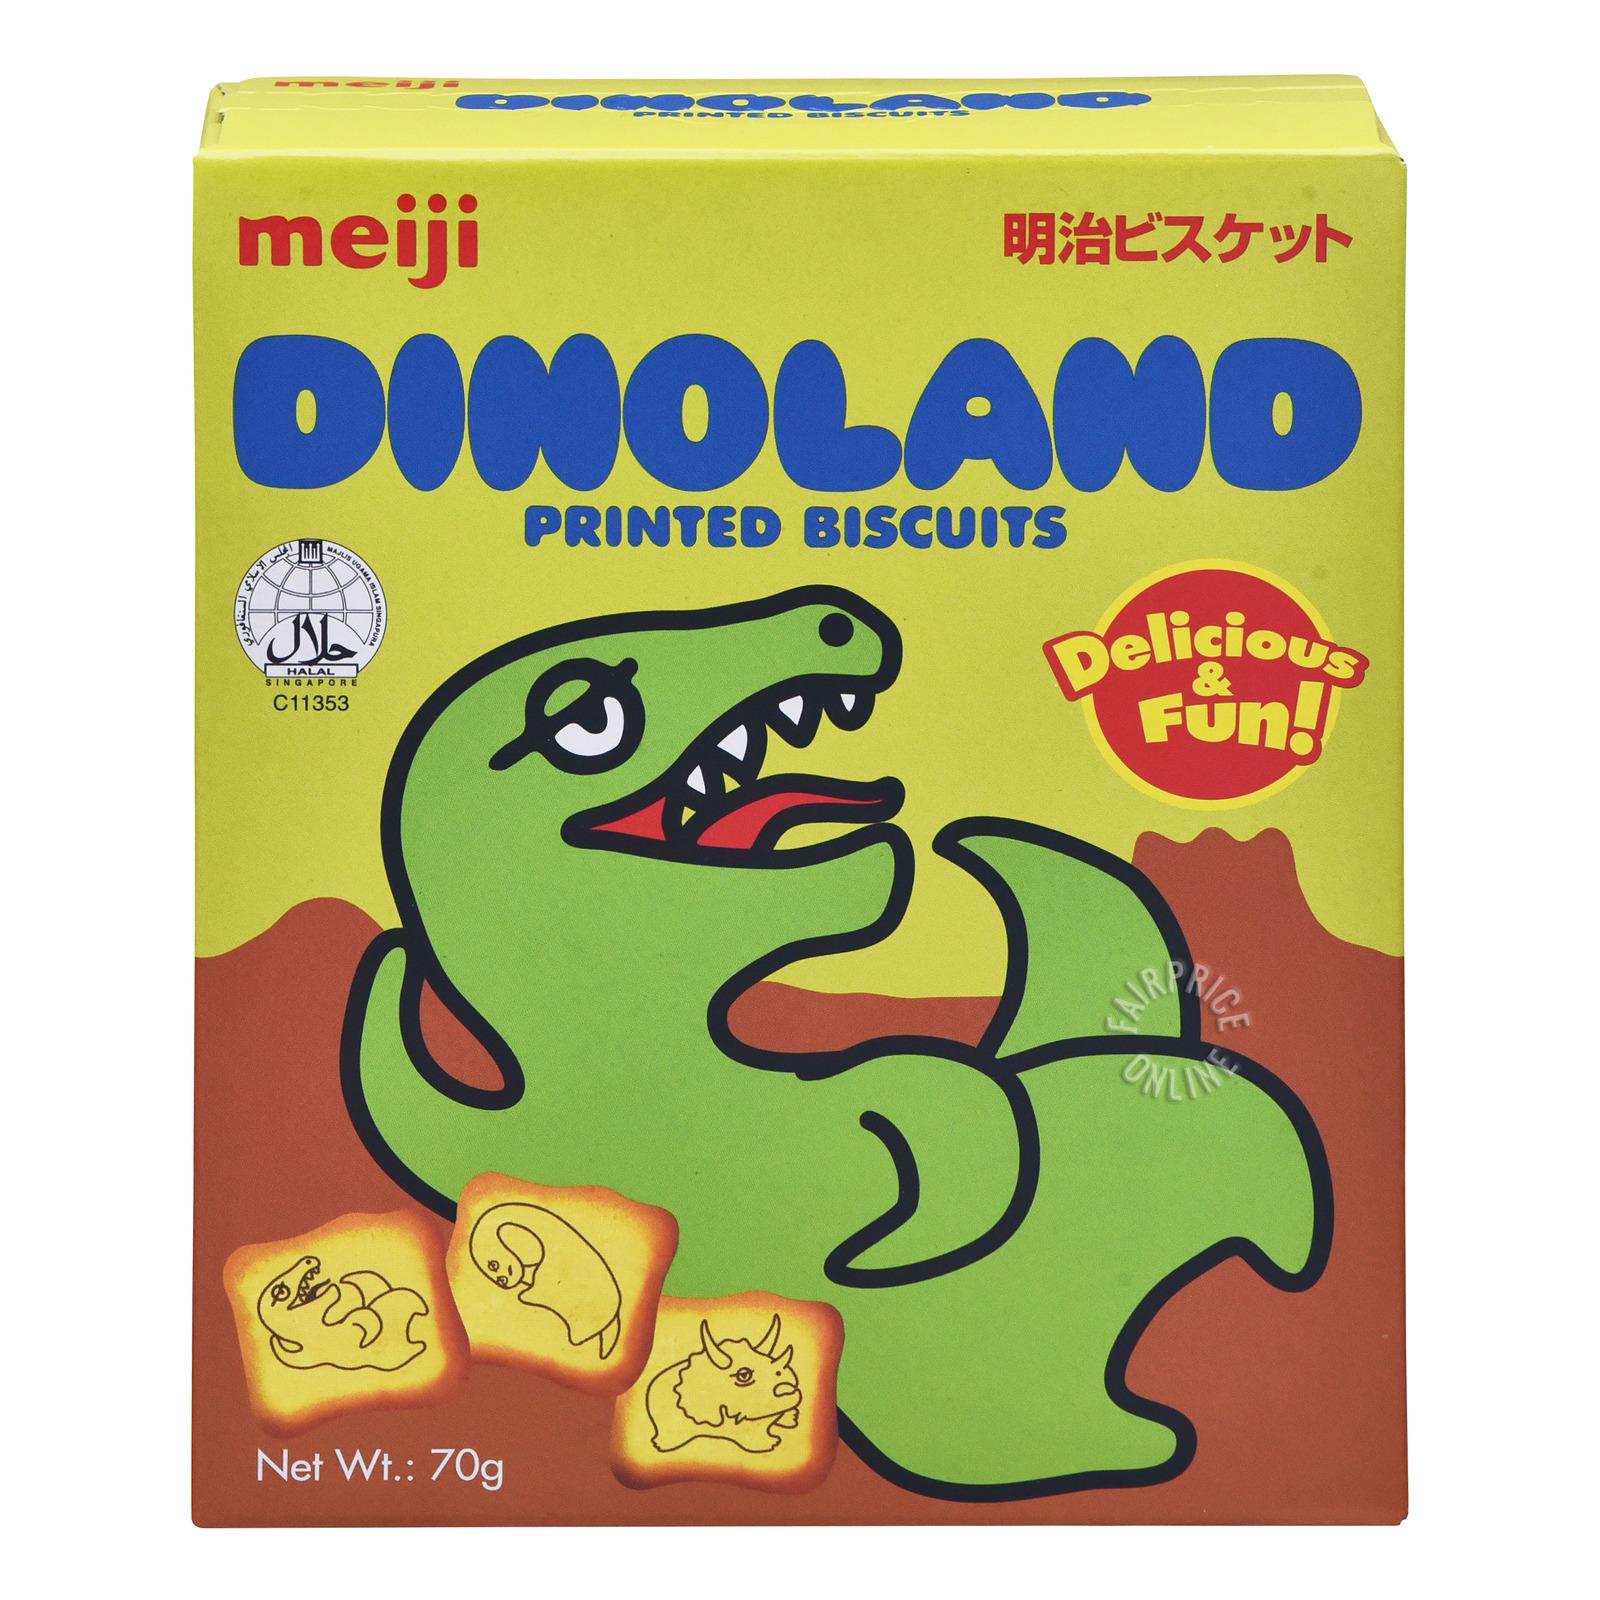 Meiji Printed Biscuits - Dinoland